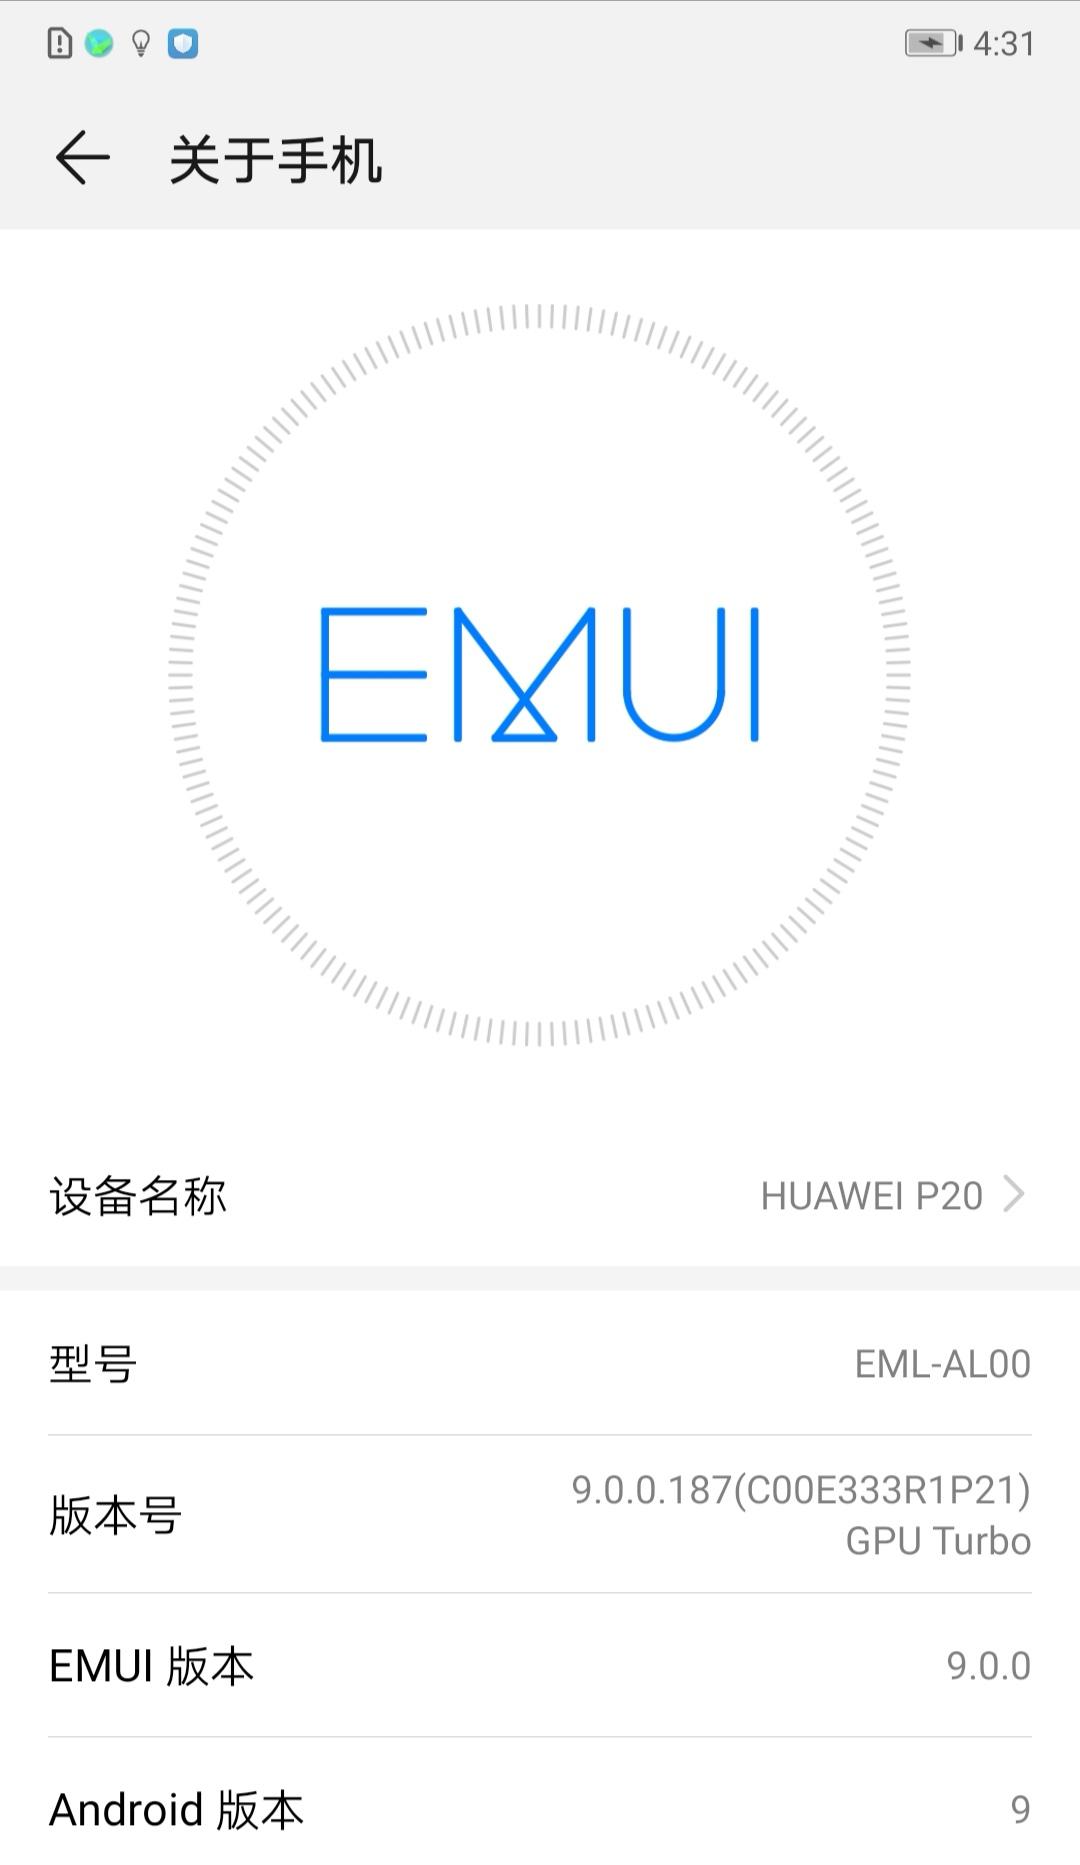 Screenshot_20201215_163157.jpg